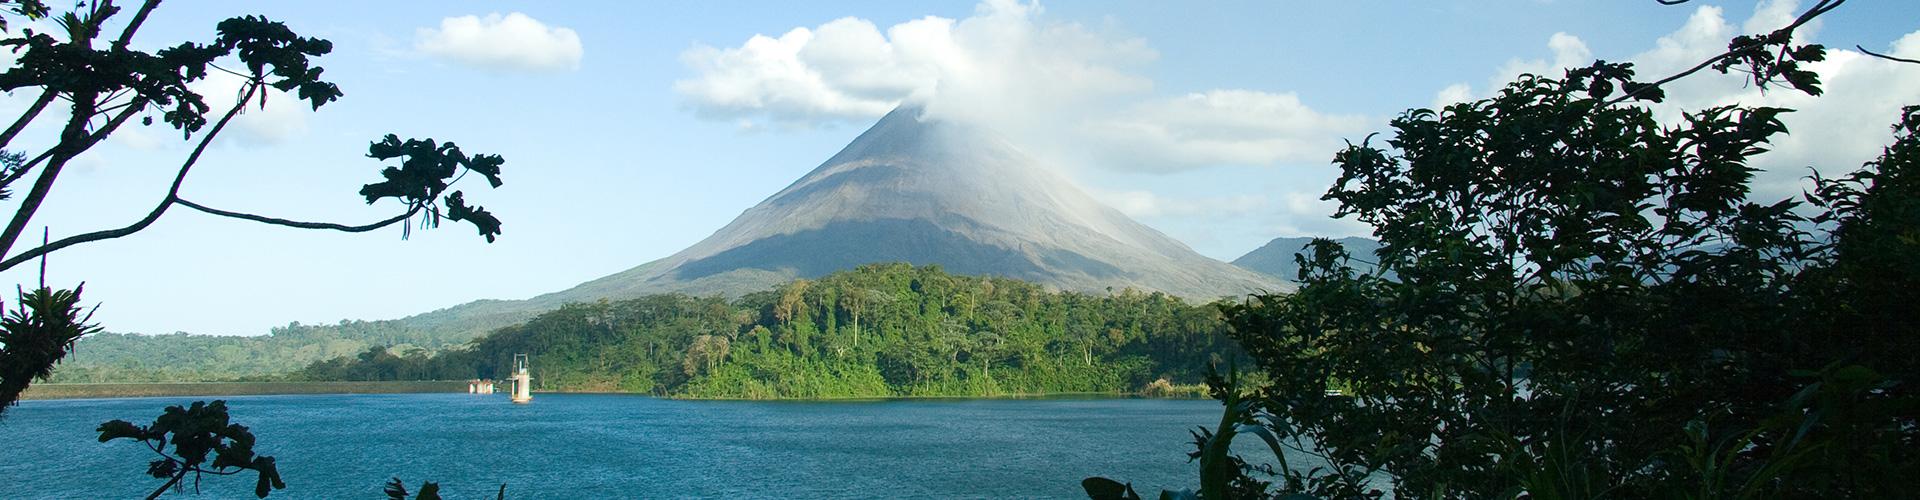 Cruising Costa Rica and Panama – Panama to Costa Rica